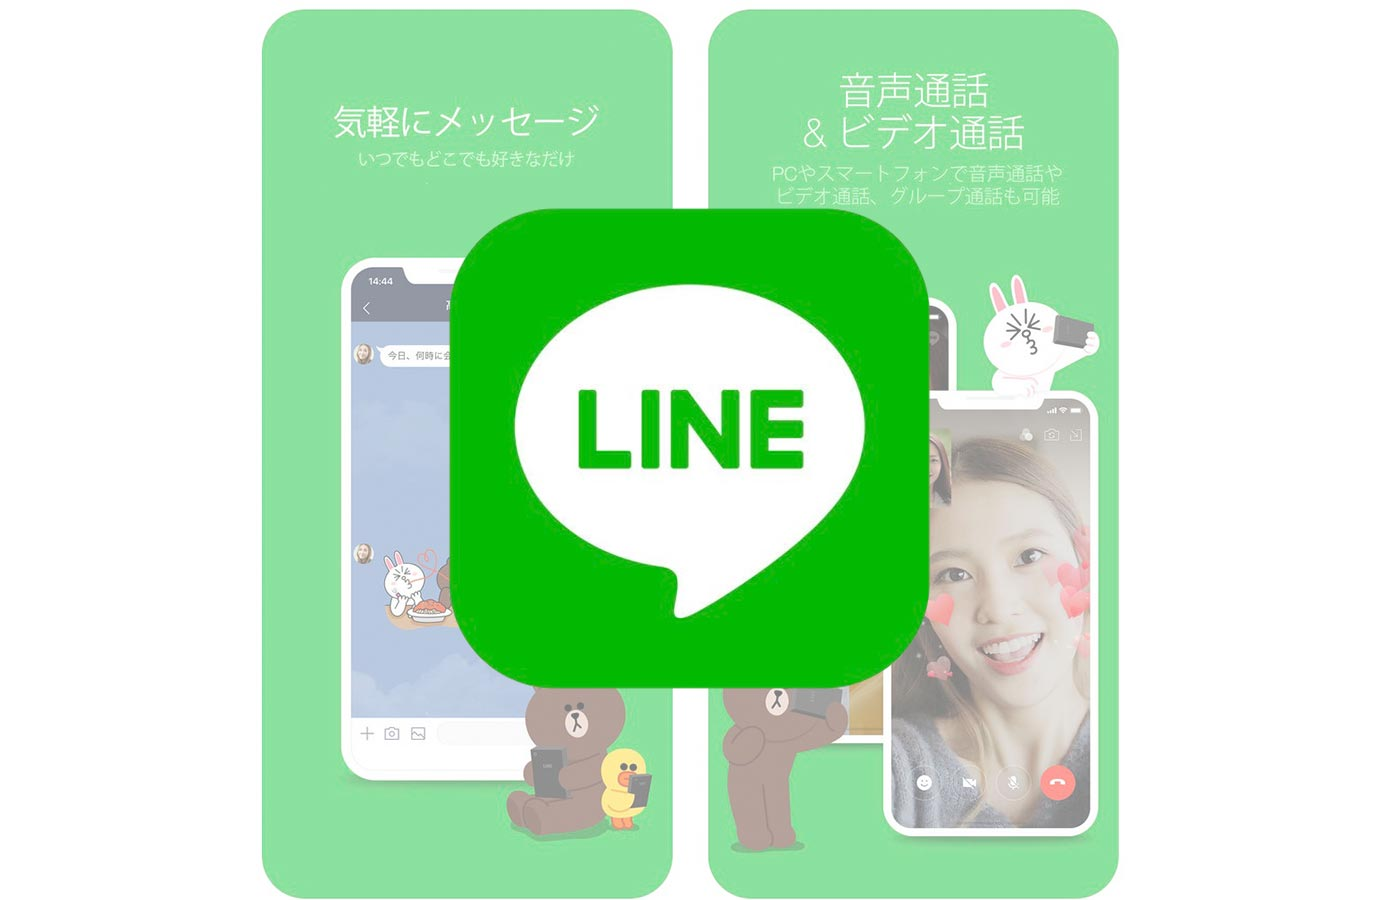 LINE、プロフィール画面を大幅にリニューアルしたiOSアプリ「LINE 8.12.0」リリース